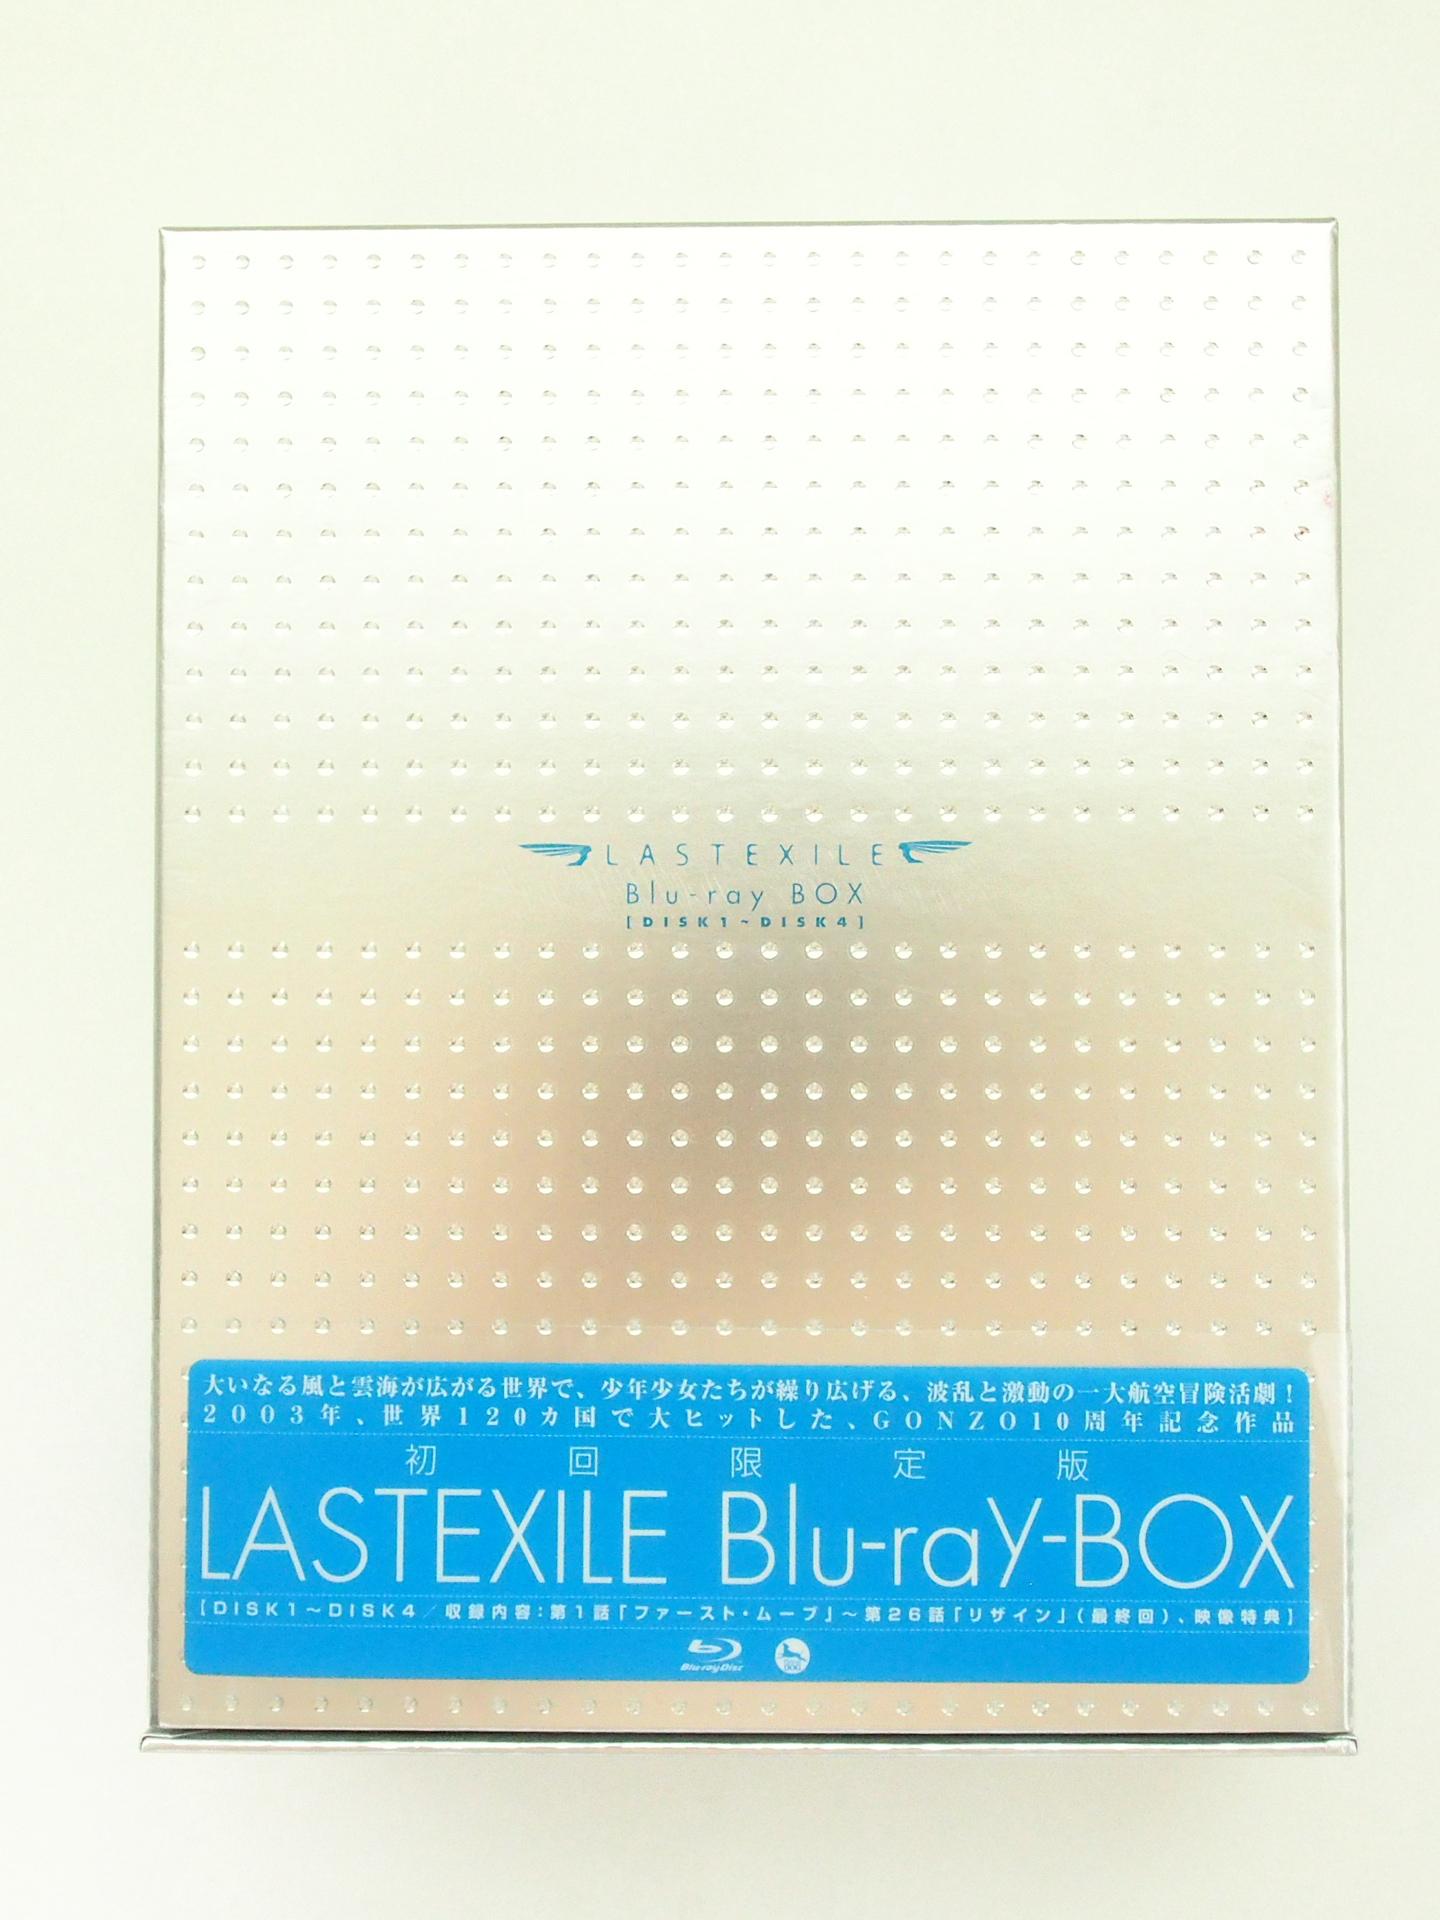 高価買取したラストエグザイル Blu-ray BOX 初回限定版の表紙